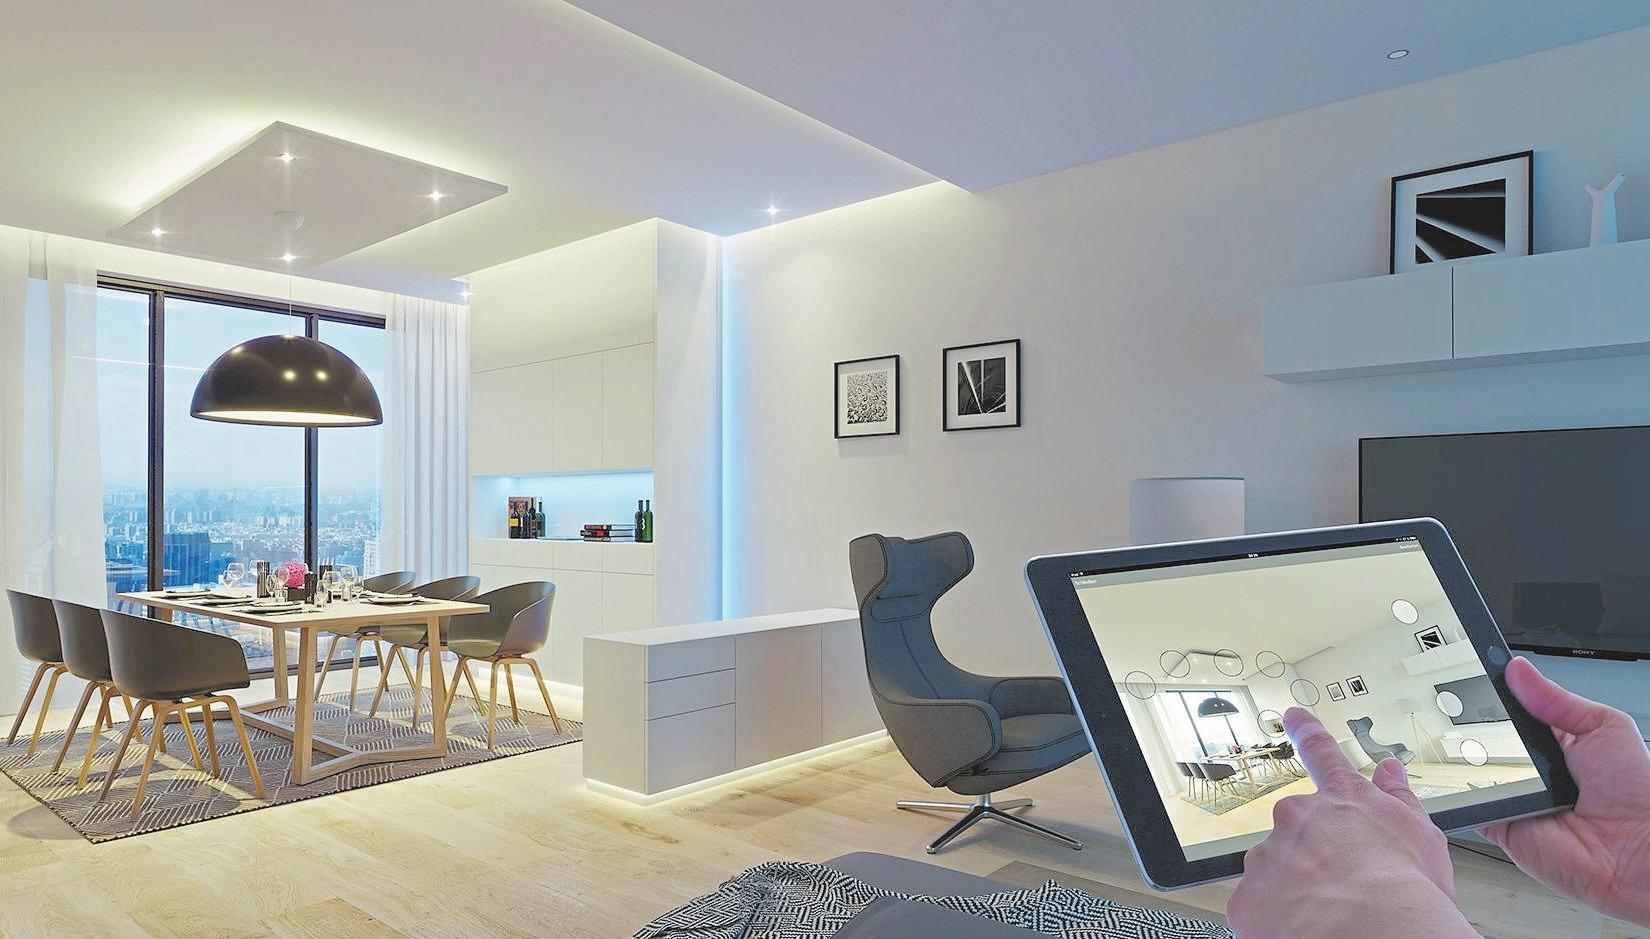 Elektro- und Gebäudetechnik Hermann Vortkamp e.K. bietet individuelle und günstige Smart Home-Lösungen nicht nur für den Neubau auch zur Nachrüstung. Foto: Loox